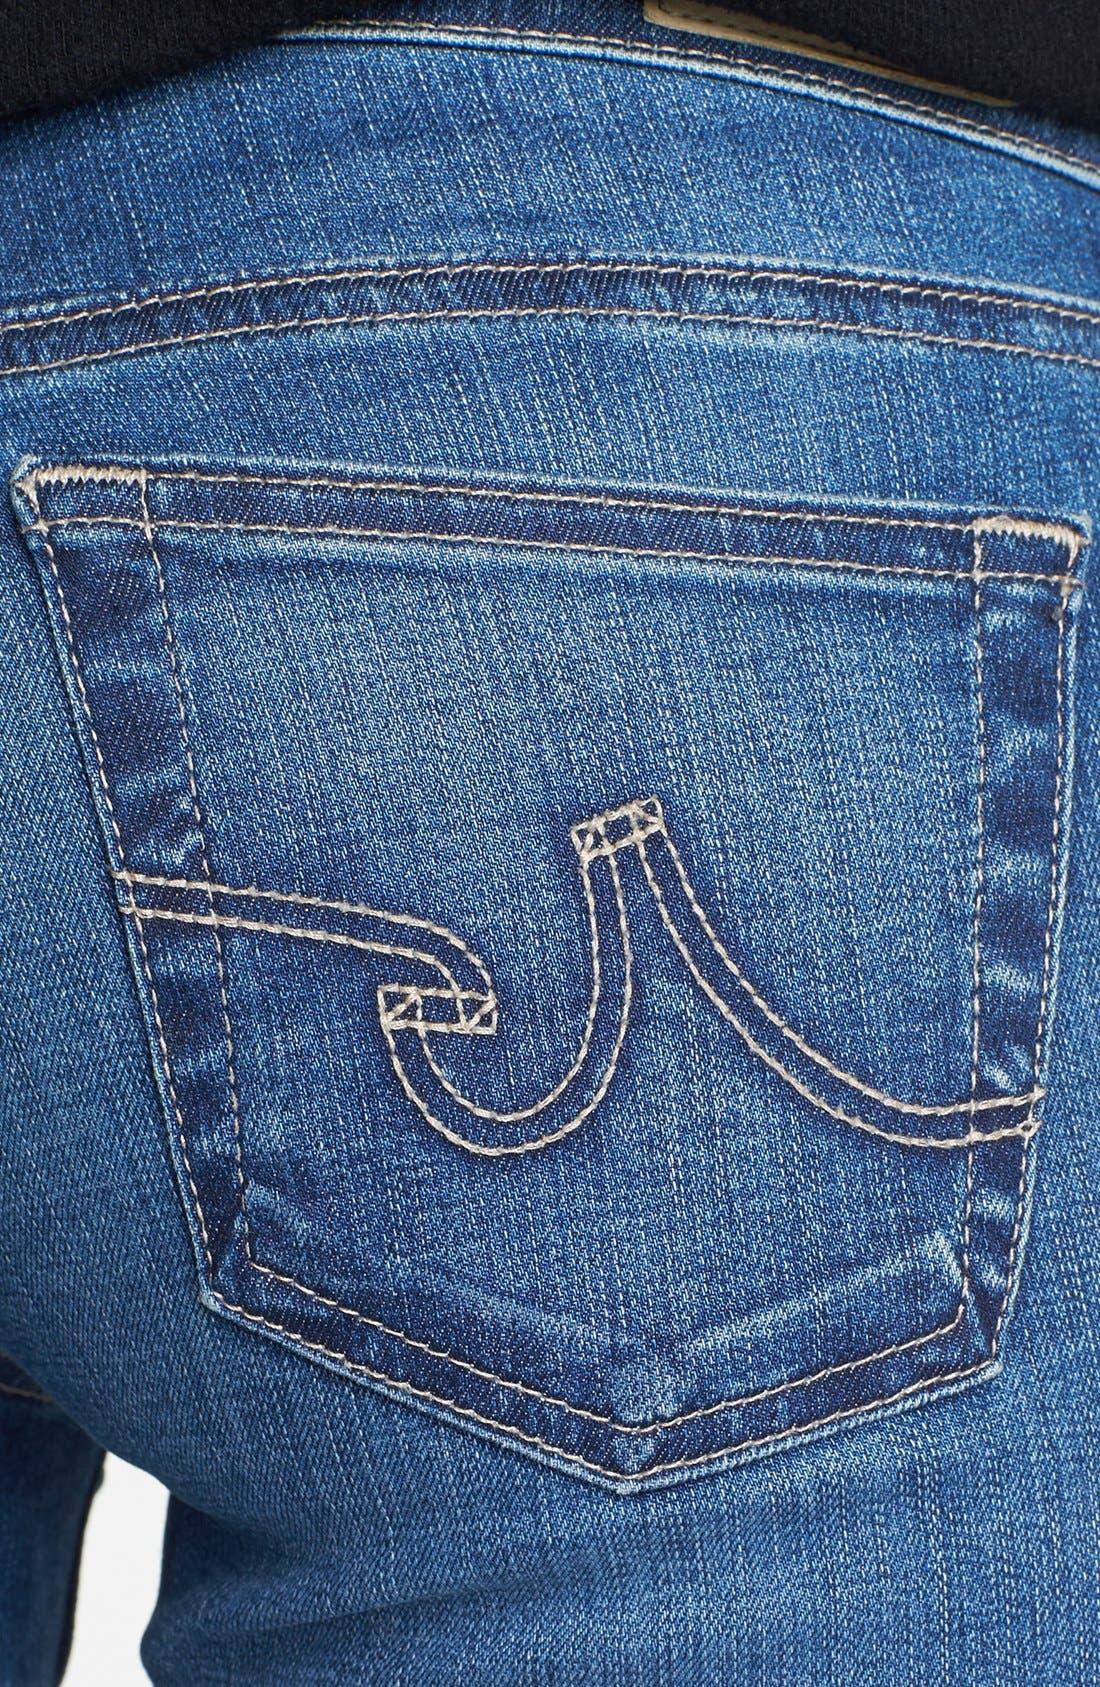 'The Stilt' Cigarette Leg Jeans,                             Alternate thumbnail 7, color,                             401